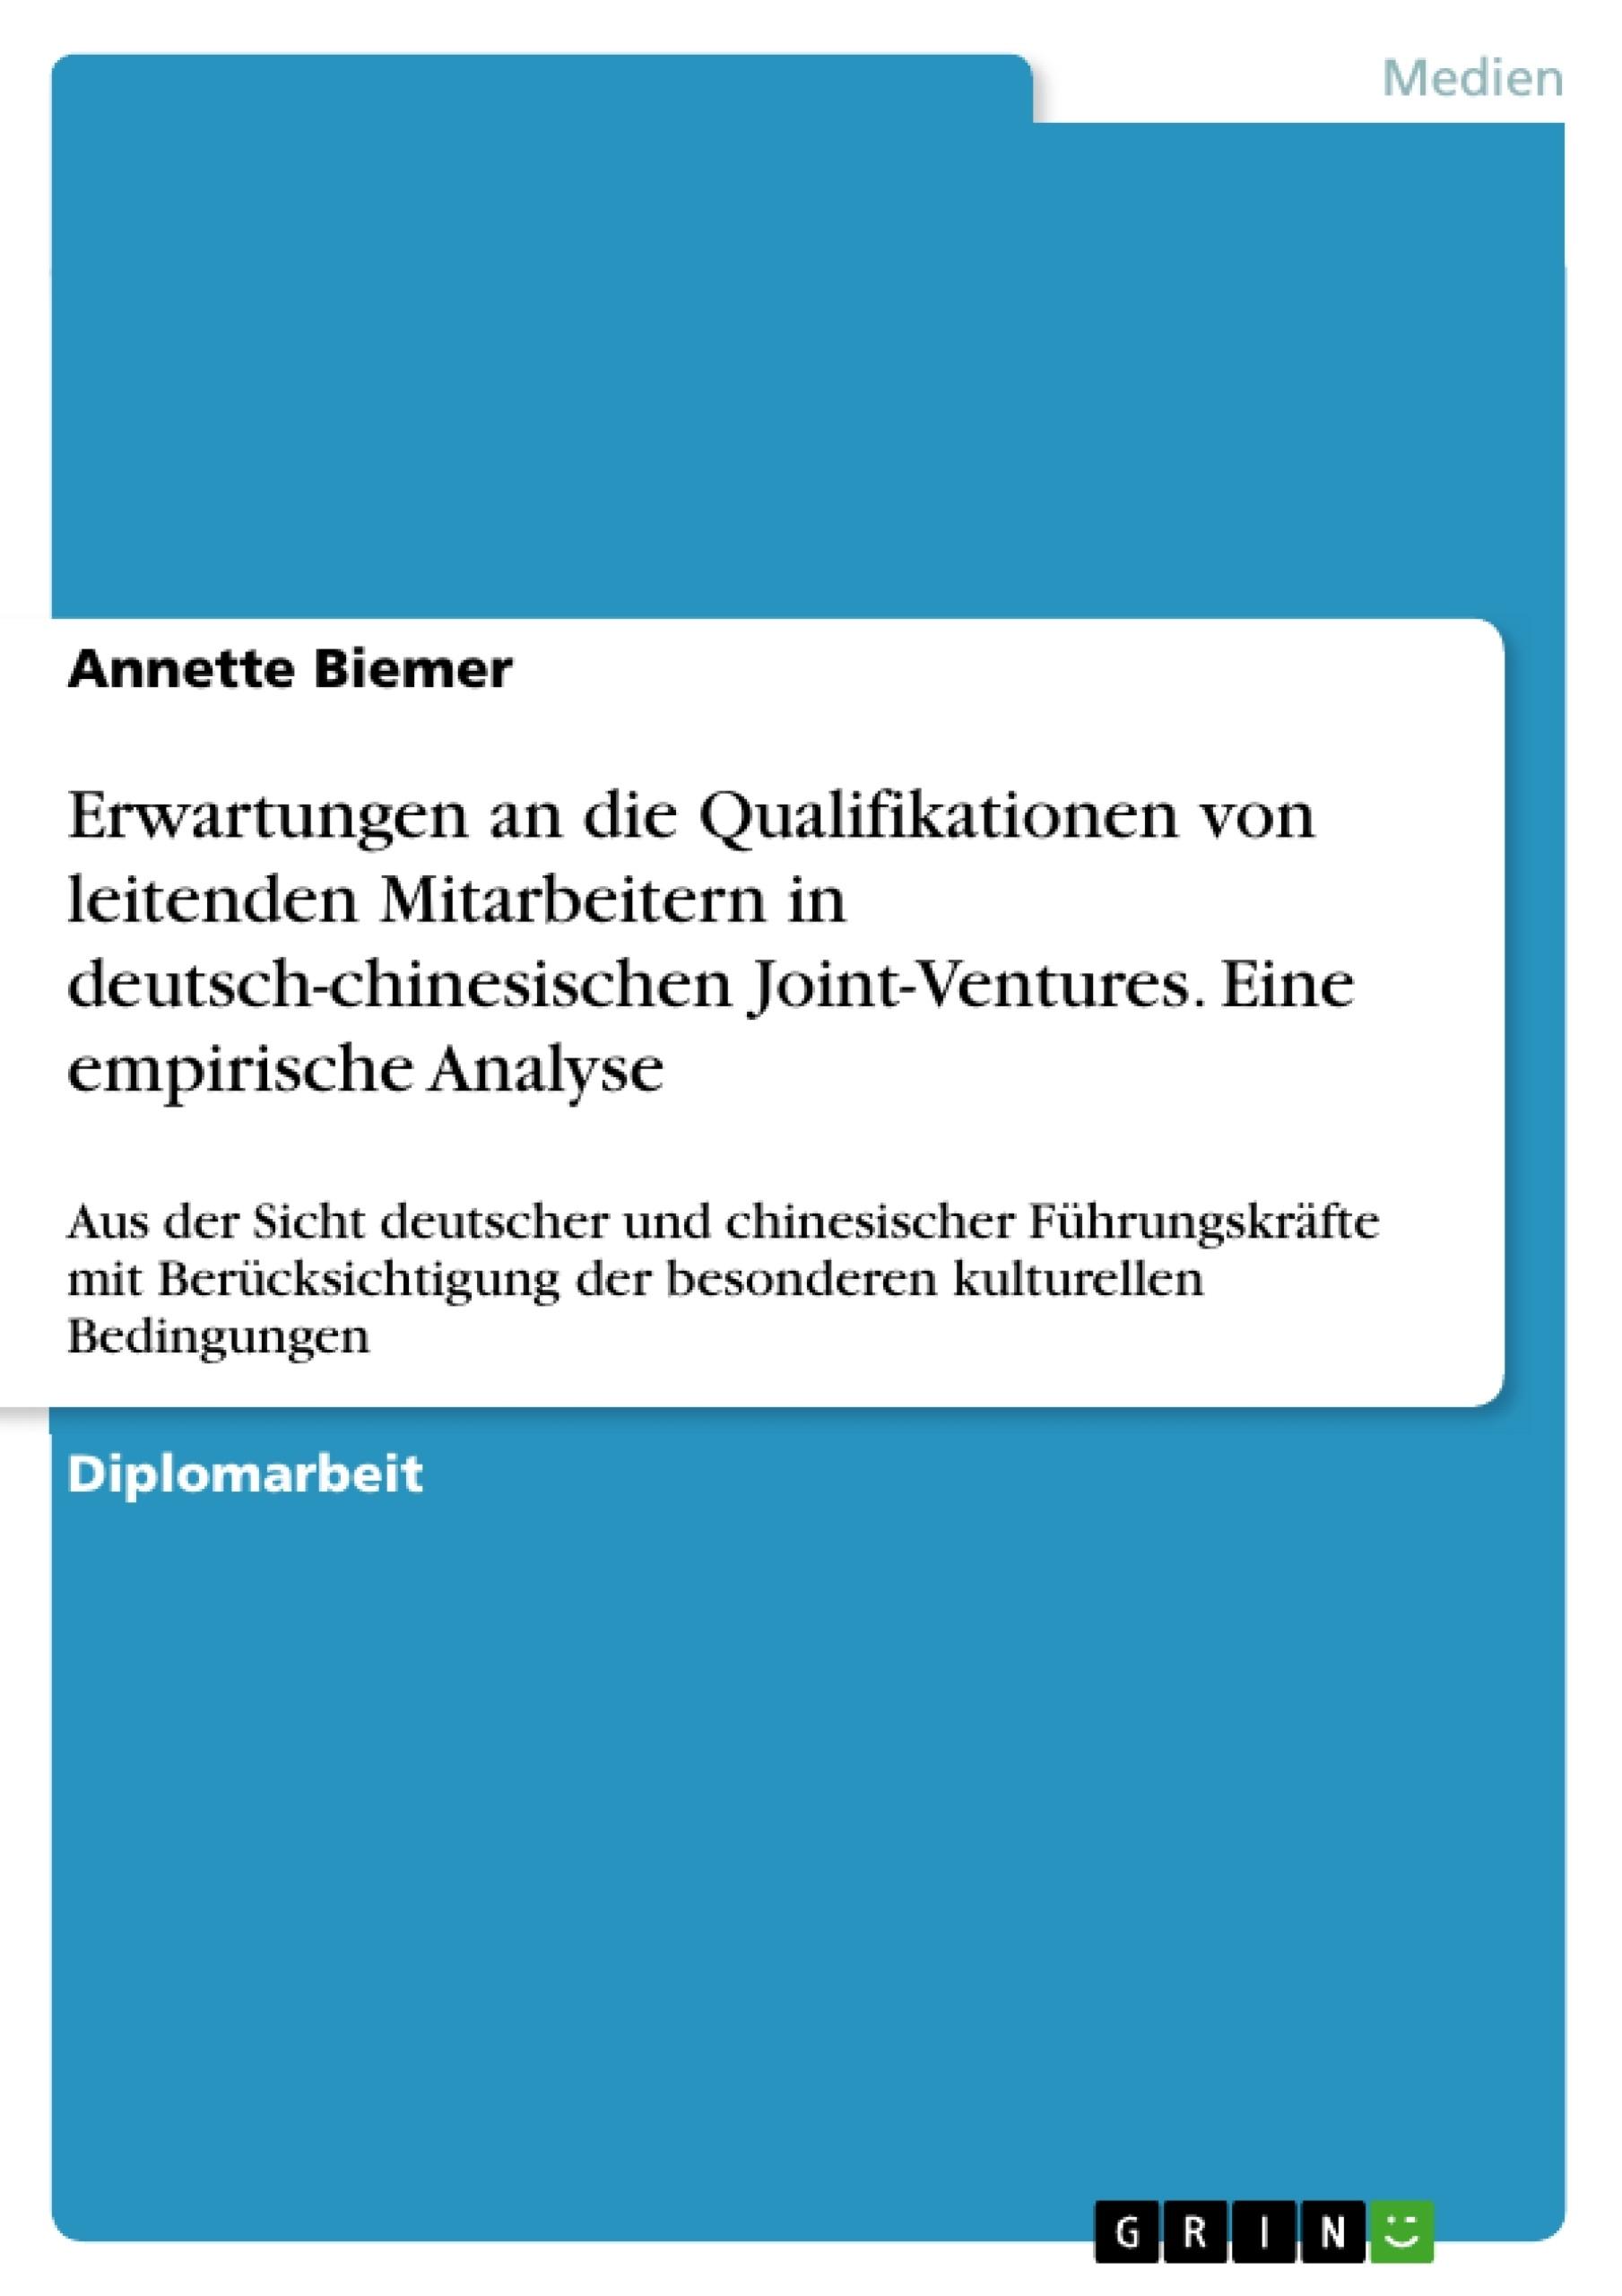 Titel: Erwartungen an die Qualifikationen von leitenden Mitarbeitern in deutsch-chinesischen Joint-Ventures. Eine empirische Analyse